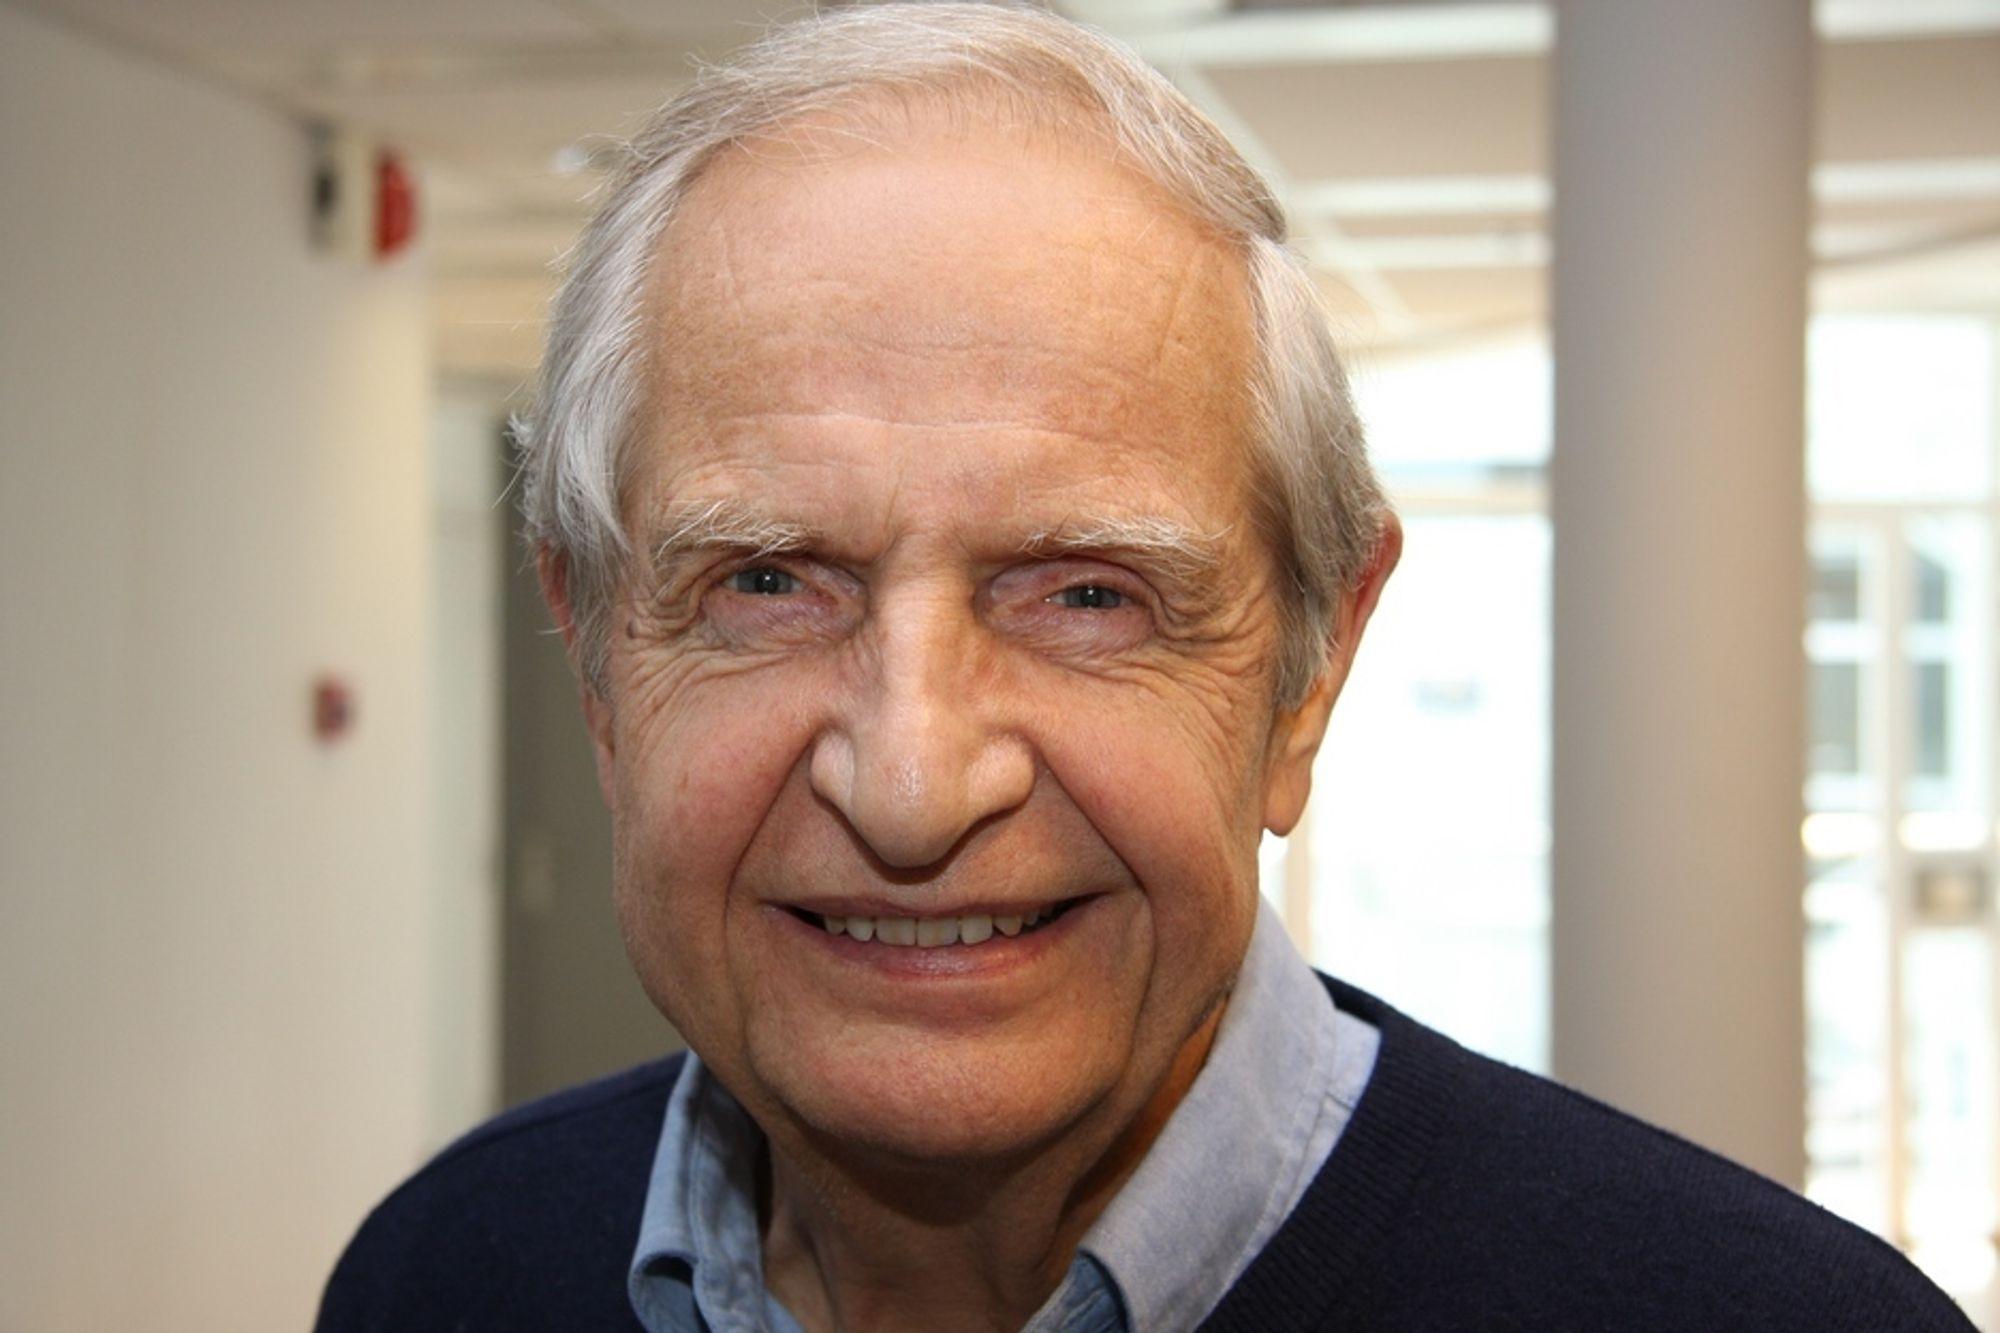 For TUs lesere var han alt kjent fra romstoff i spaltene tidligere på 60-tallet, men rikskjendis ble Erik Tandberg først som ekspertkommentator for NRK i forbindelse med månelandingen i 1969.